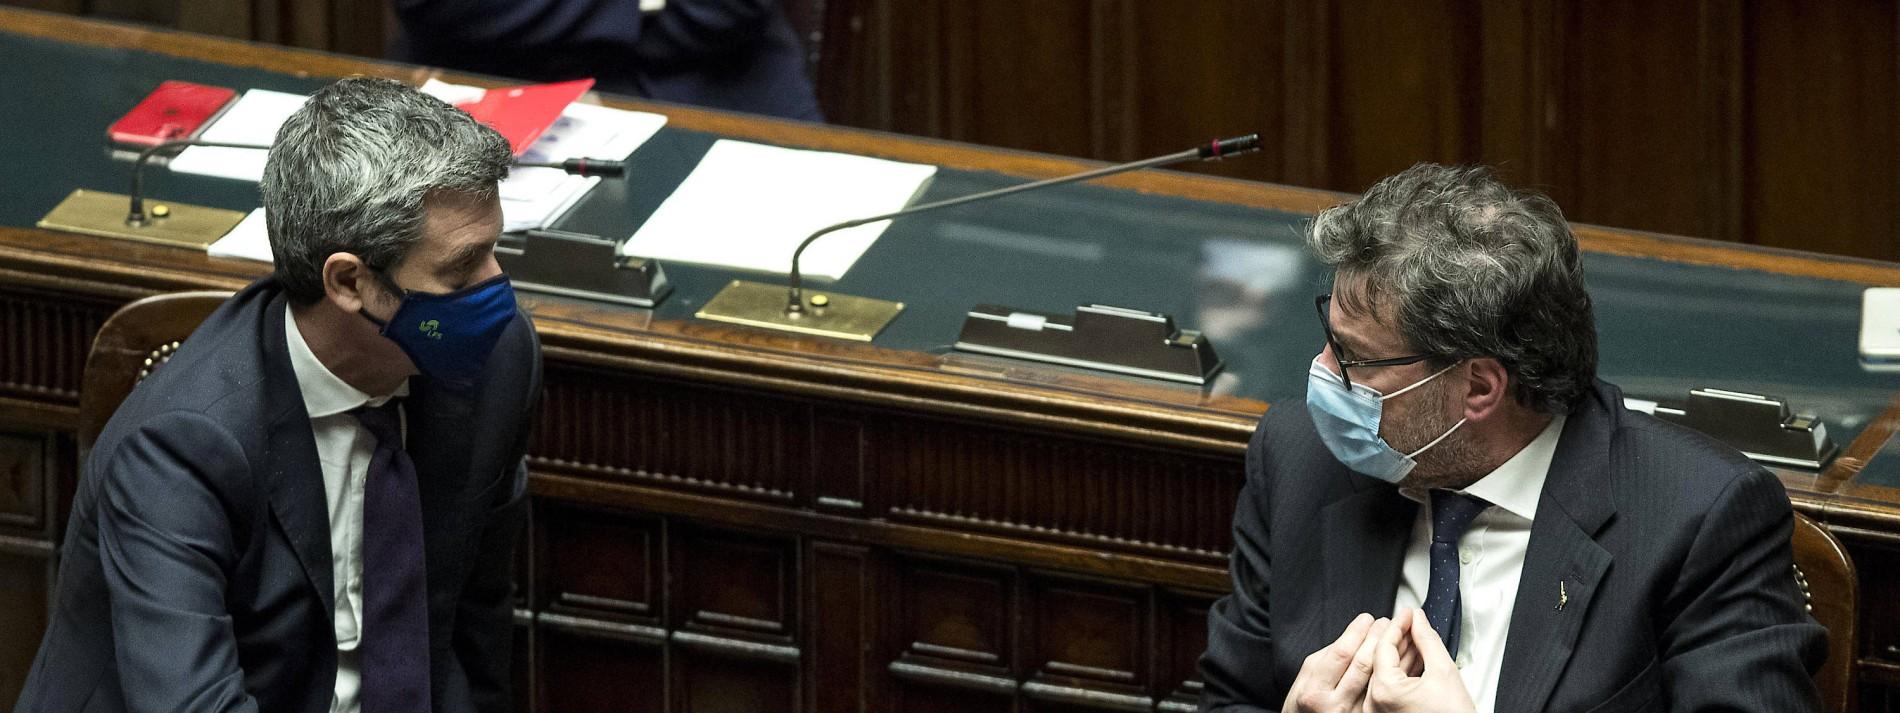 Draghi gewinnt auch zweites Vertrauensvotum